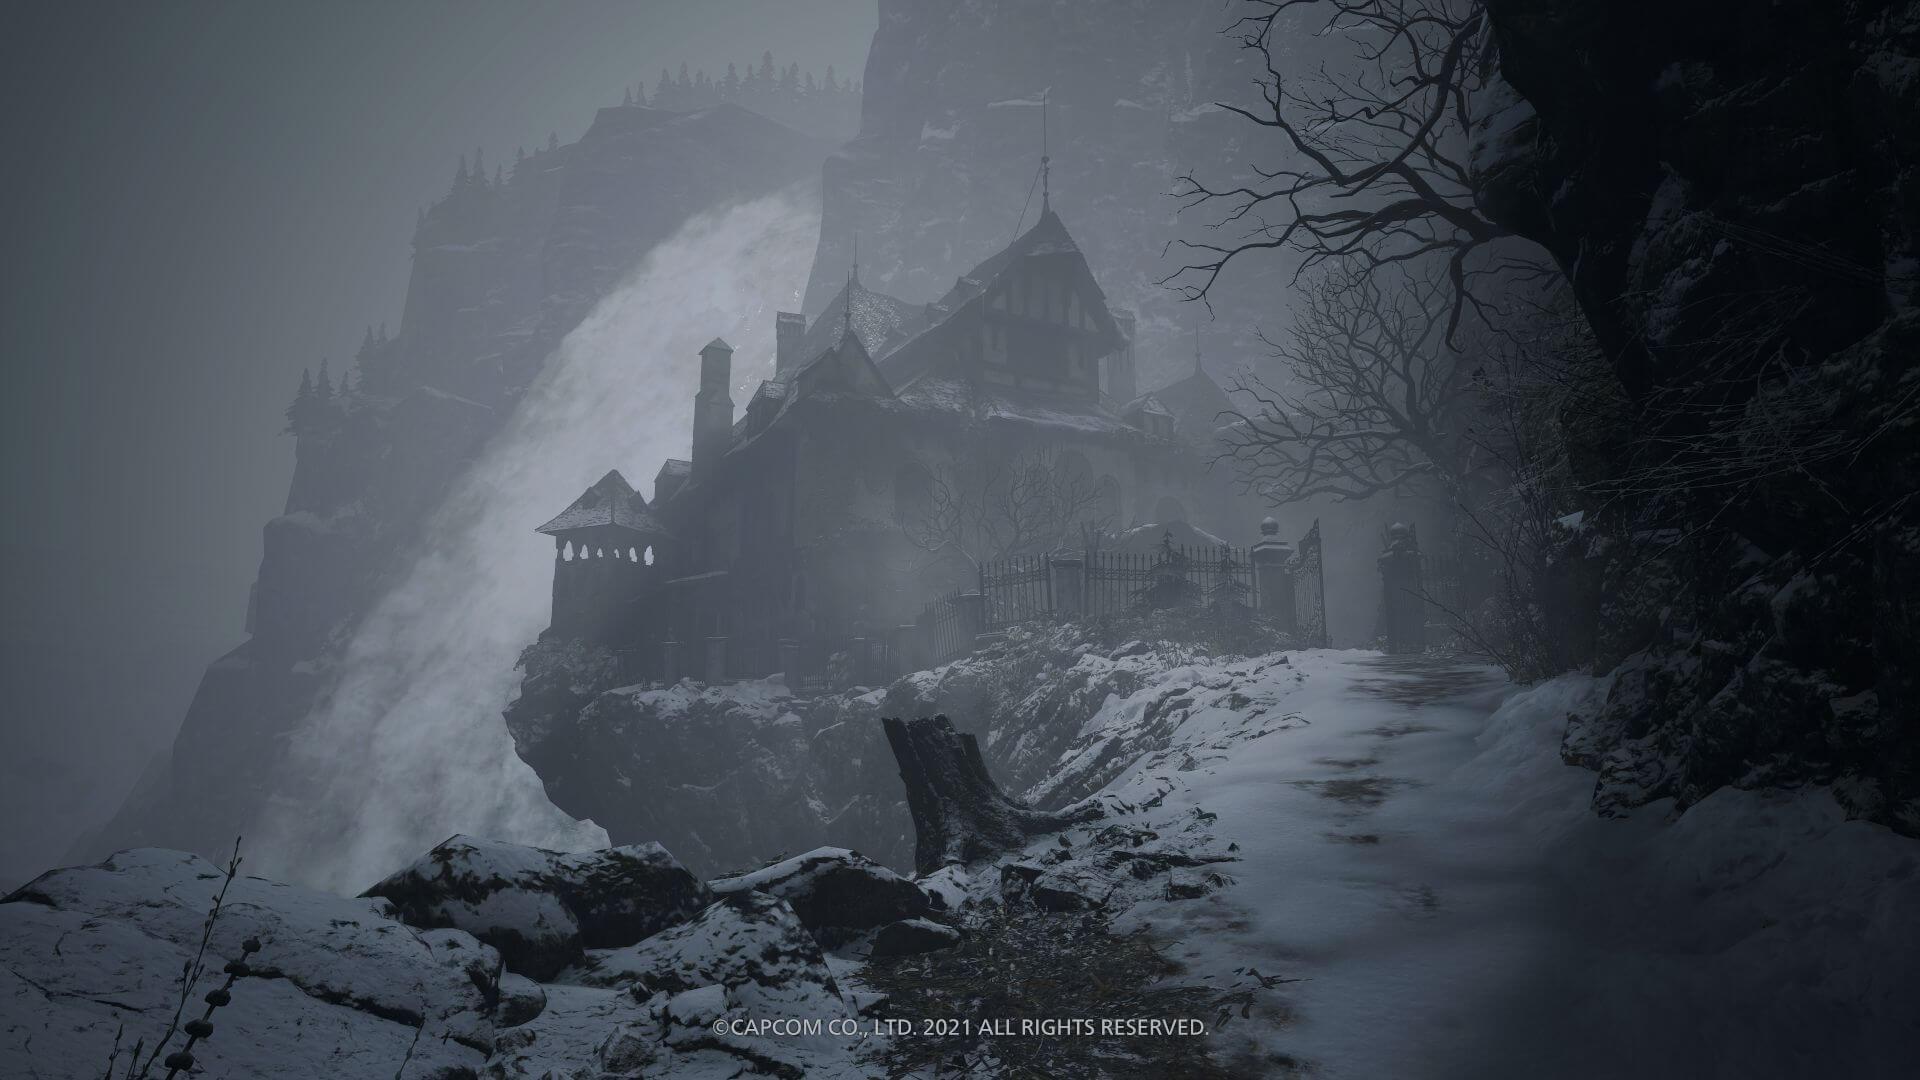 Radarımızdan kaçan gelişmeler: Resident Evil Village